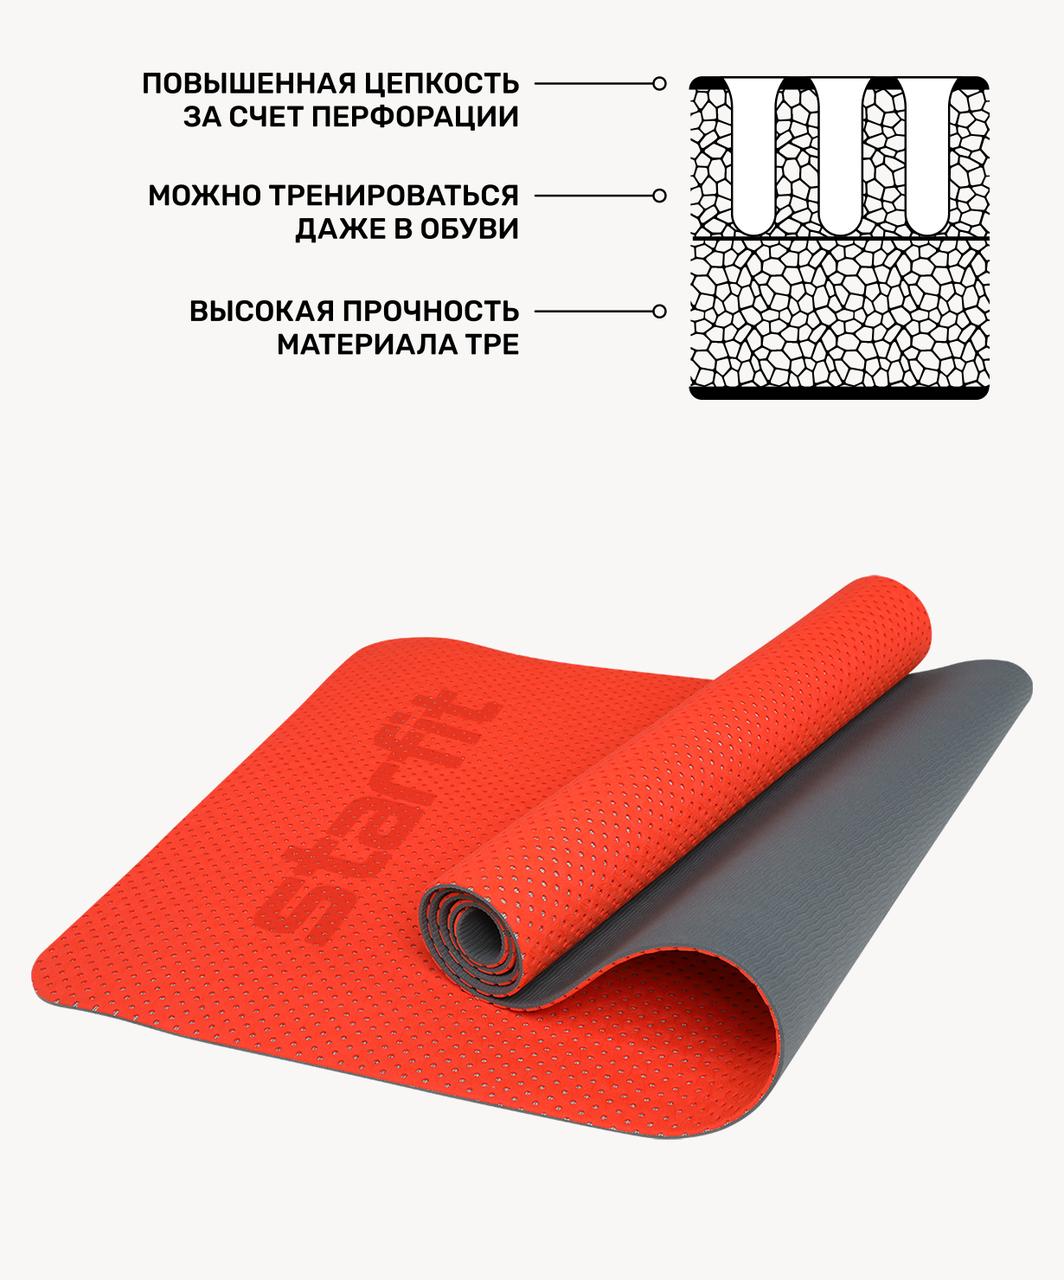 Коврик для фитнеса FM-202, TPE перфорированный, 173 x 61 x 0,5 см, ярко-красный Starfit